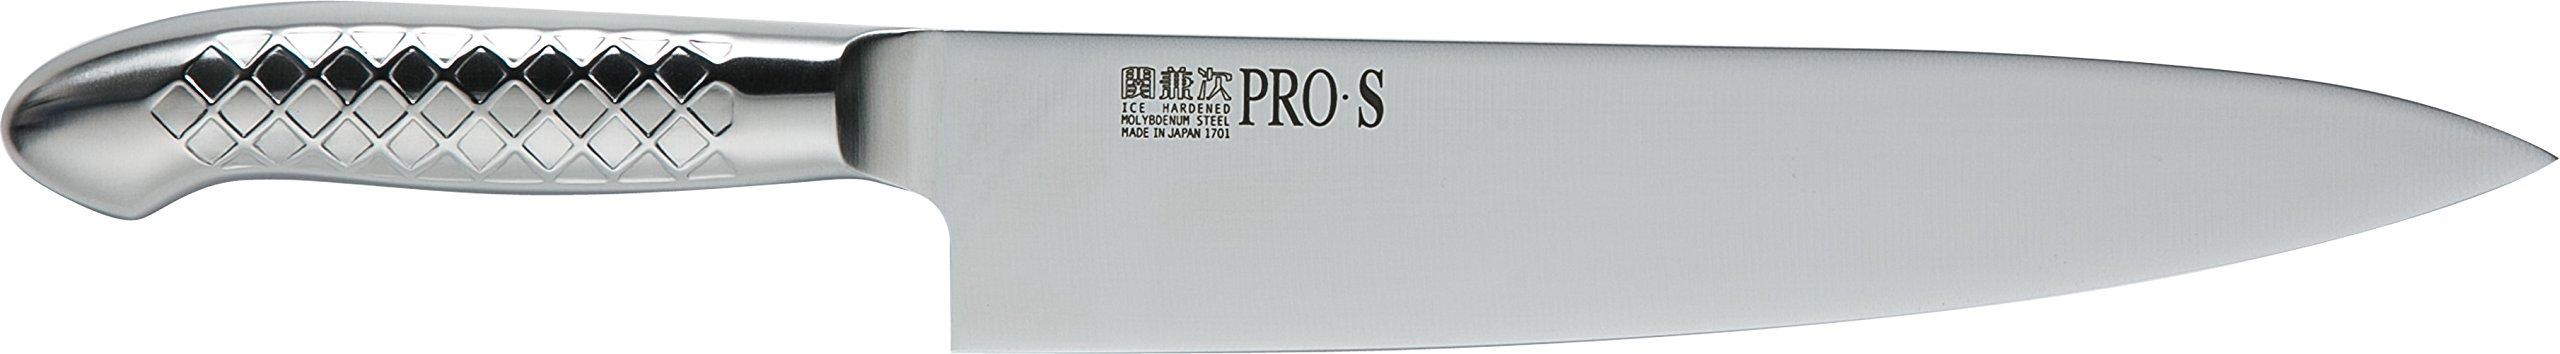 関兼次 Seki Kenji Hamono Japanese Knife Kitchen Knife PRO Molybdenum Steel Stainless Steel Made in Japan (Beef Sword 240mm, PRO · S)